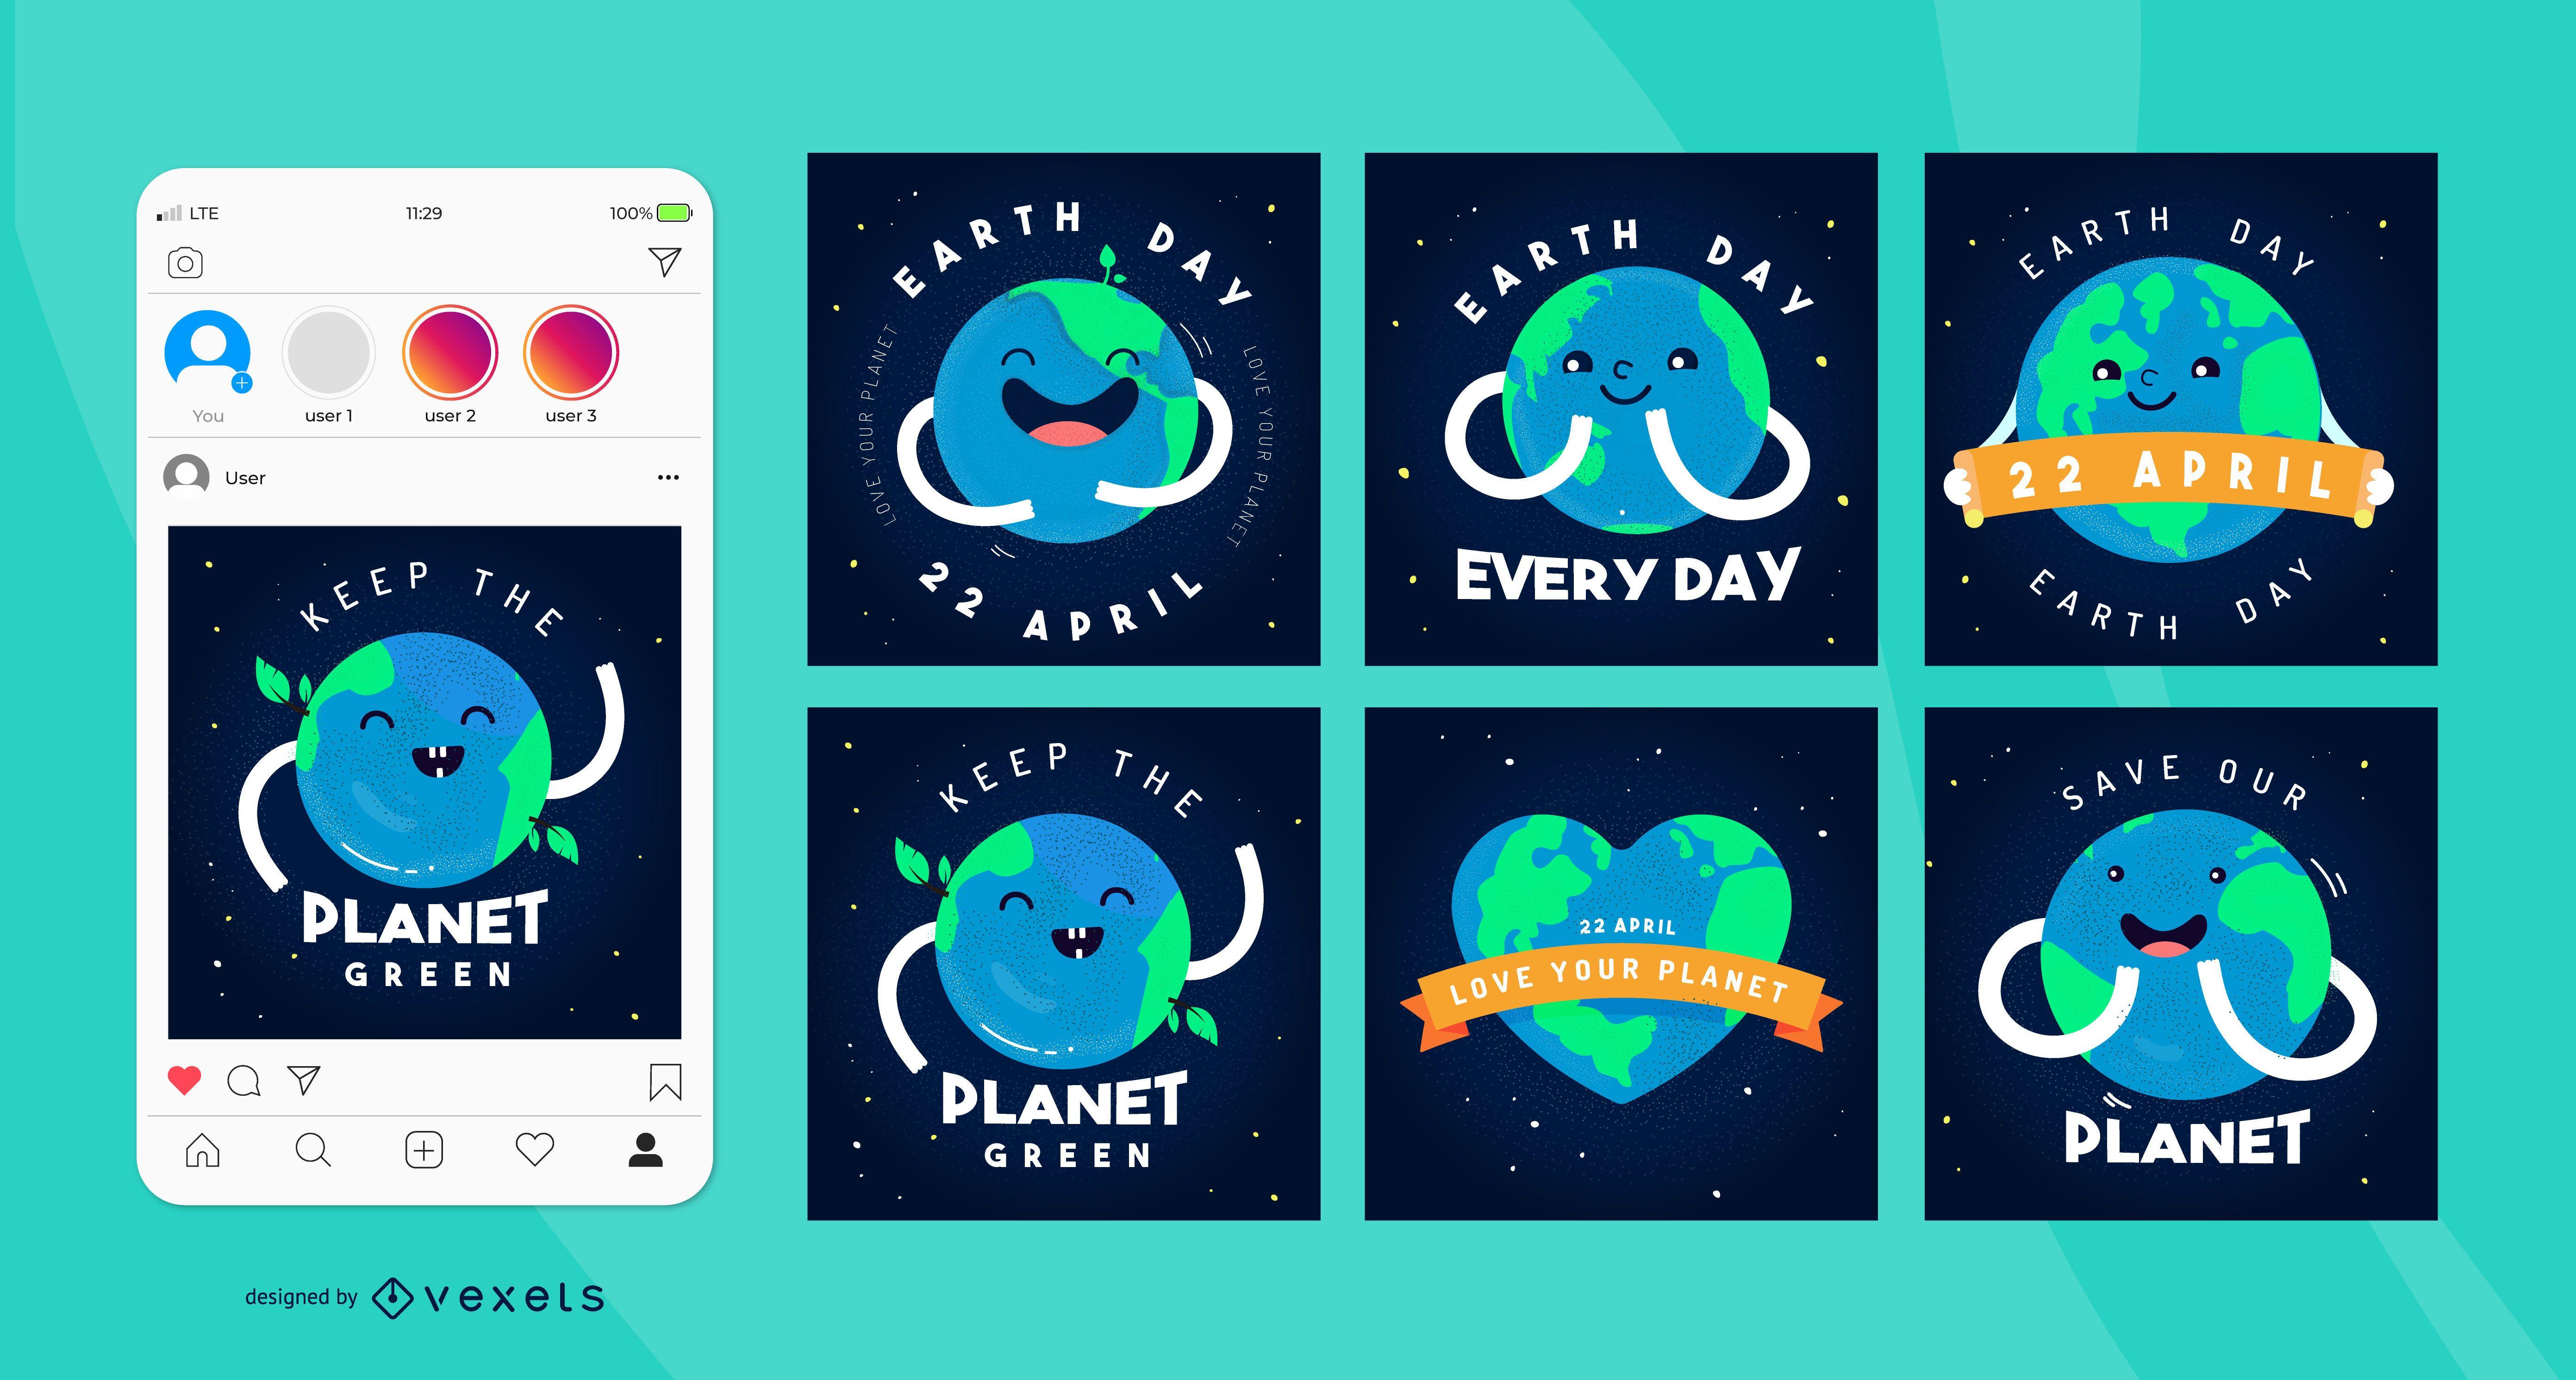 Pacote de postagem de mídia social do Earth Day Square